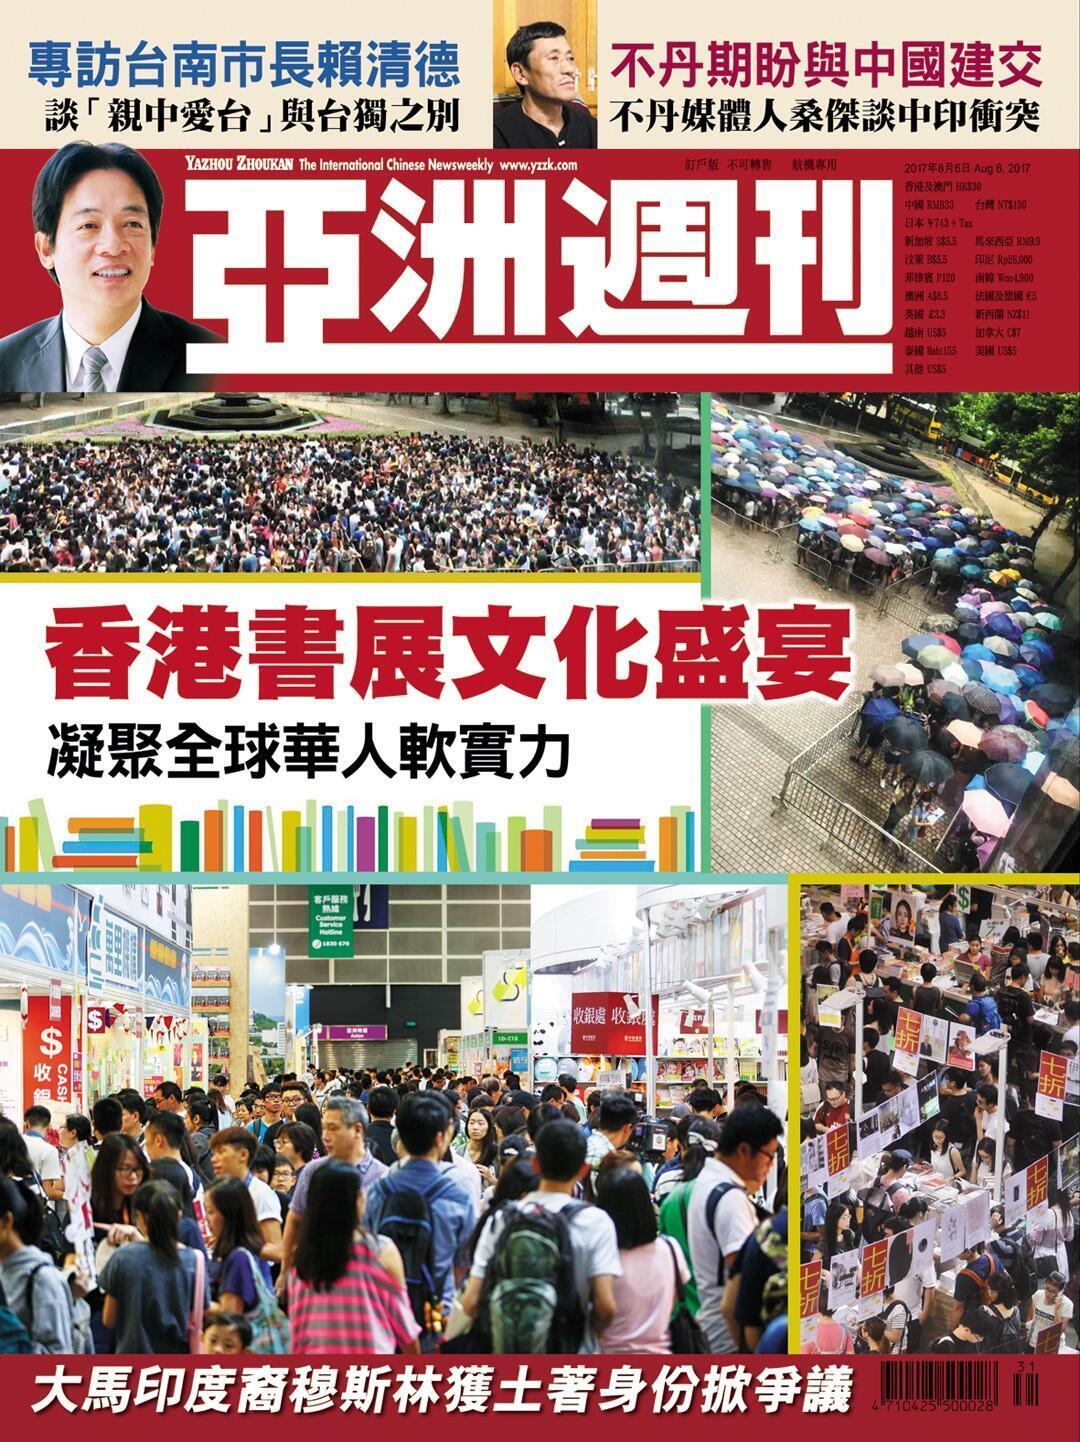 香港书展文化盛宴凝聚全球华人软实力